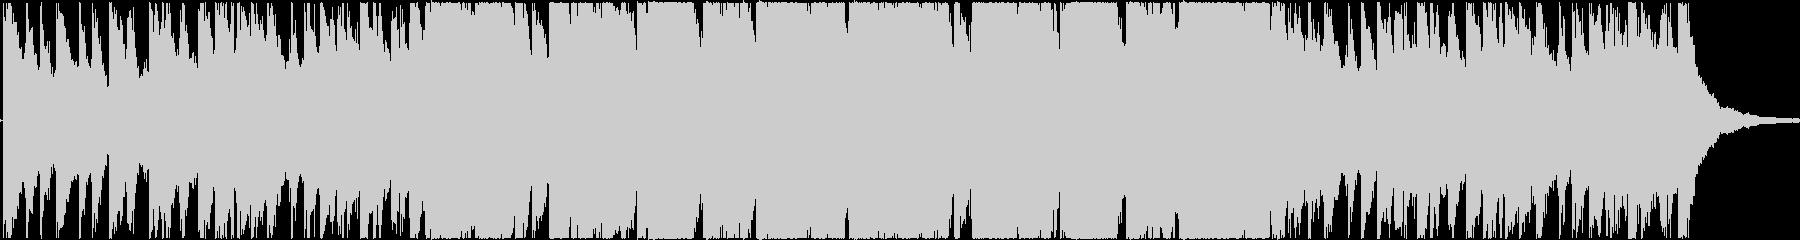 トランペットがどこか寂しいBGMの未再生の波形